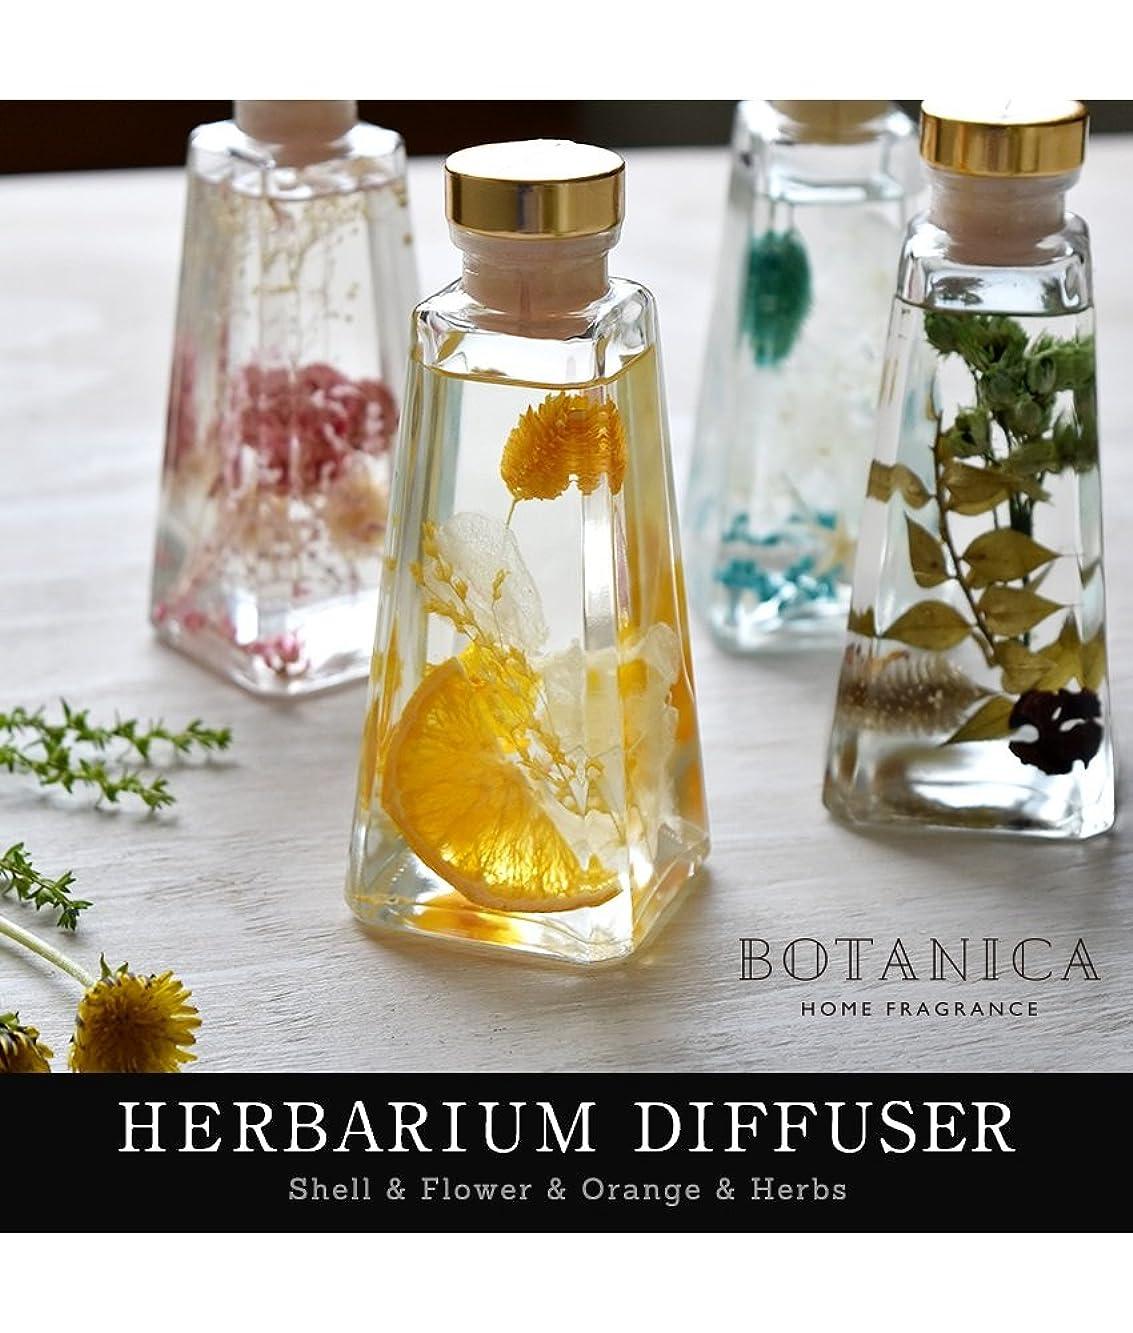 磨かれた美徳壊滅的なボタニカ ハーバリウム ディフューザー 【グリーン/Neat Herbs】 ホームフレグランス